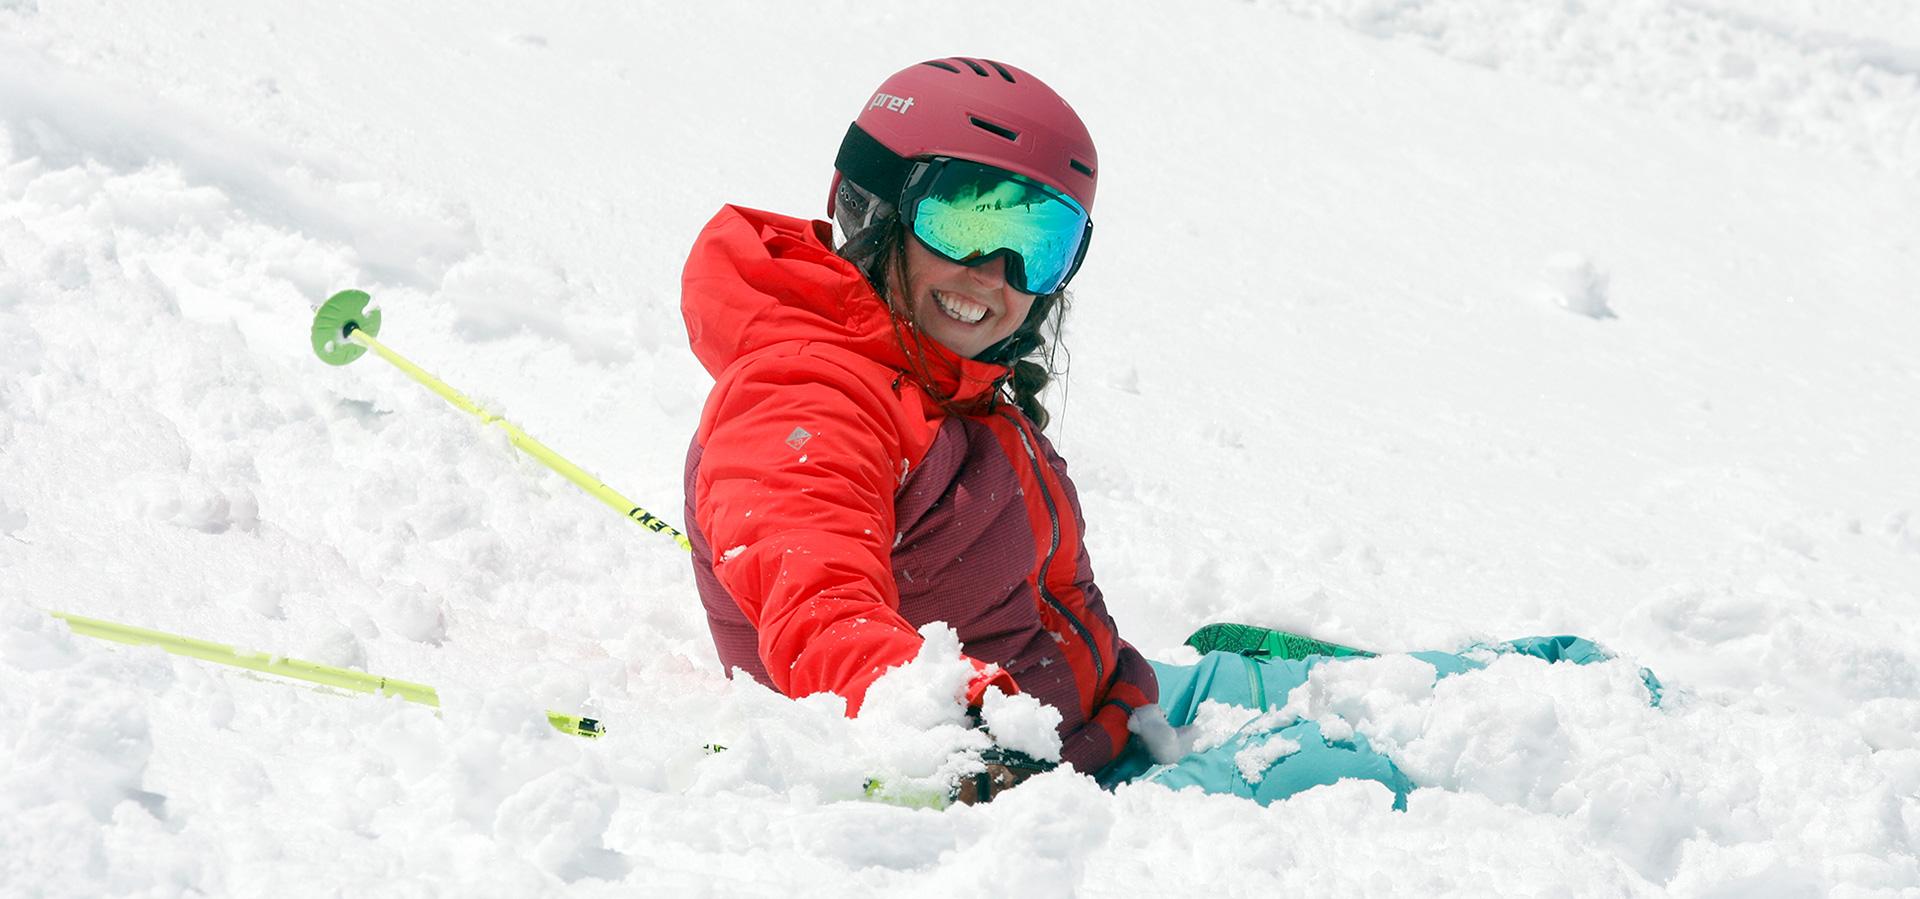 smiling beginner skier